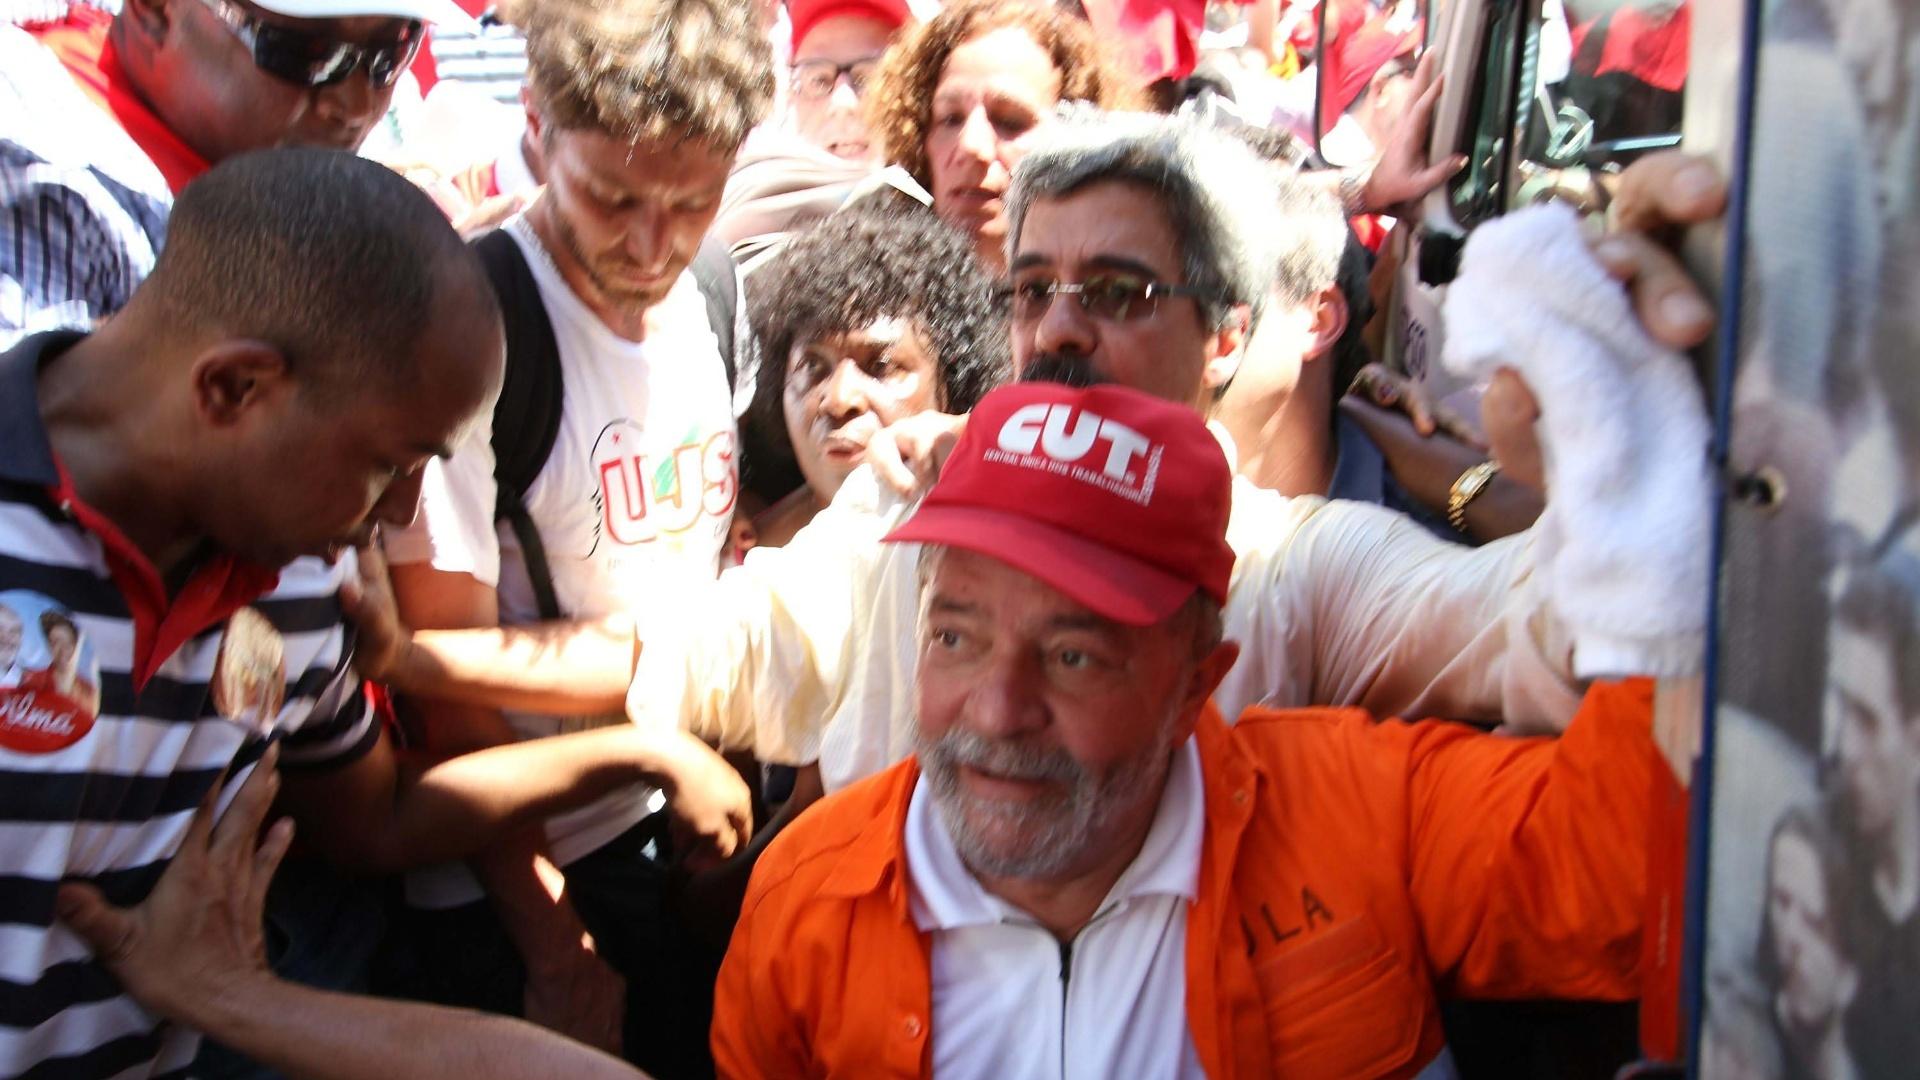 15.set.2014 - O ex-presidente Luiz Inácio Lula da Silva participou do ato em defesa do pré-sal e da Petrobras, na Cinelândia, centro do Rio de Janeiro, na manhã desta segunda-feira (15). O ato foi convocado pela direção da Federação Única dos Petroleiros, por centrais sindicais, movimentos sociais e estudantes ligados ao PT, e reuniu cerca de 500 pessoas em uma caminhada até a sede da Petrobras. O protesto foi marcado por tom eleitoral a favor da presidente Dilma Rousseff (PT) e atacou a candidata a presidência Maria Silva (PSB) com a distribuição de adesivos com os dizeres: